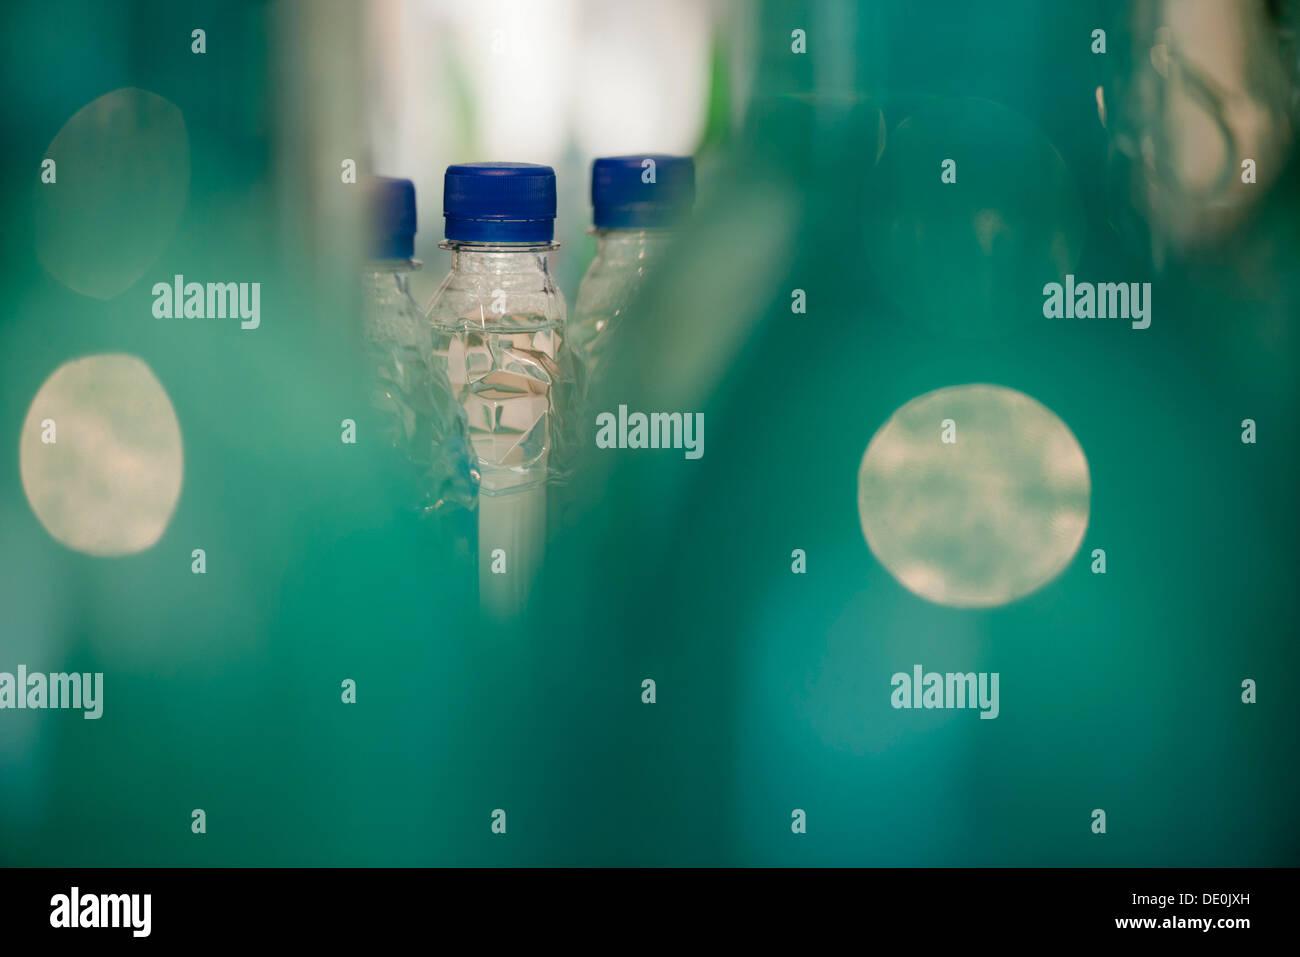 Agua embotellada, close-up Imagen De Stock